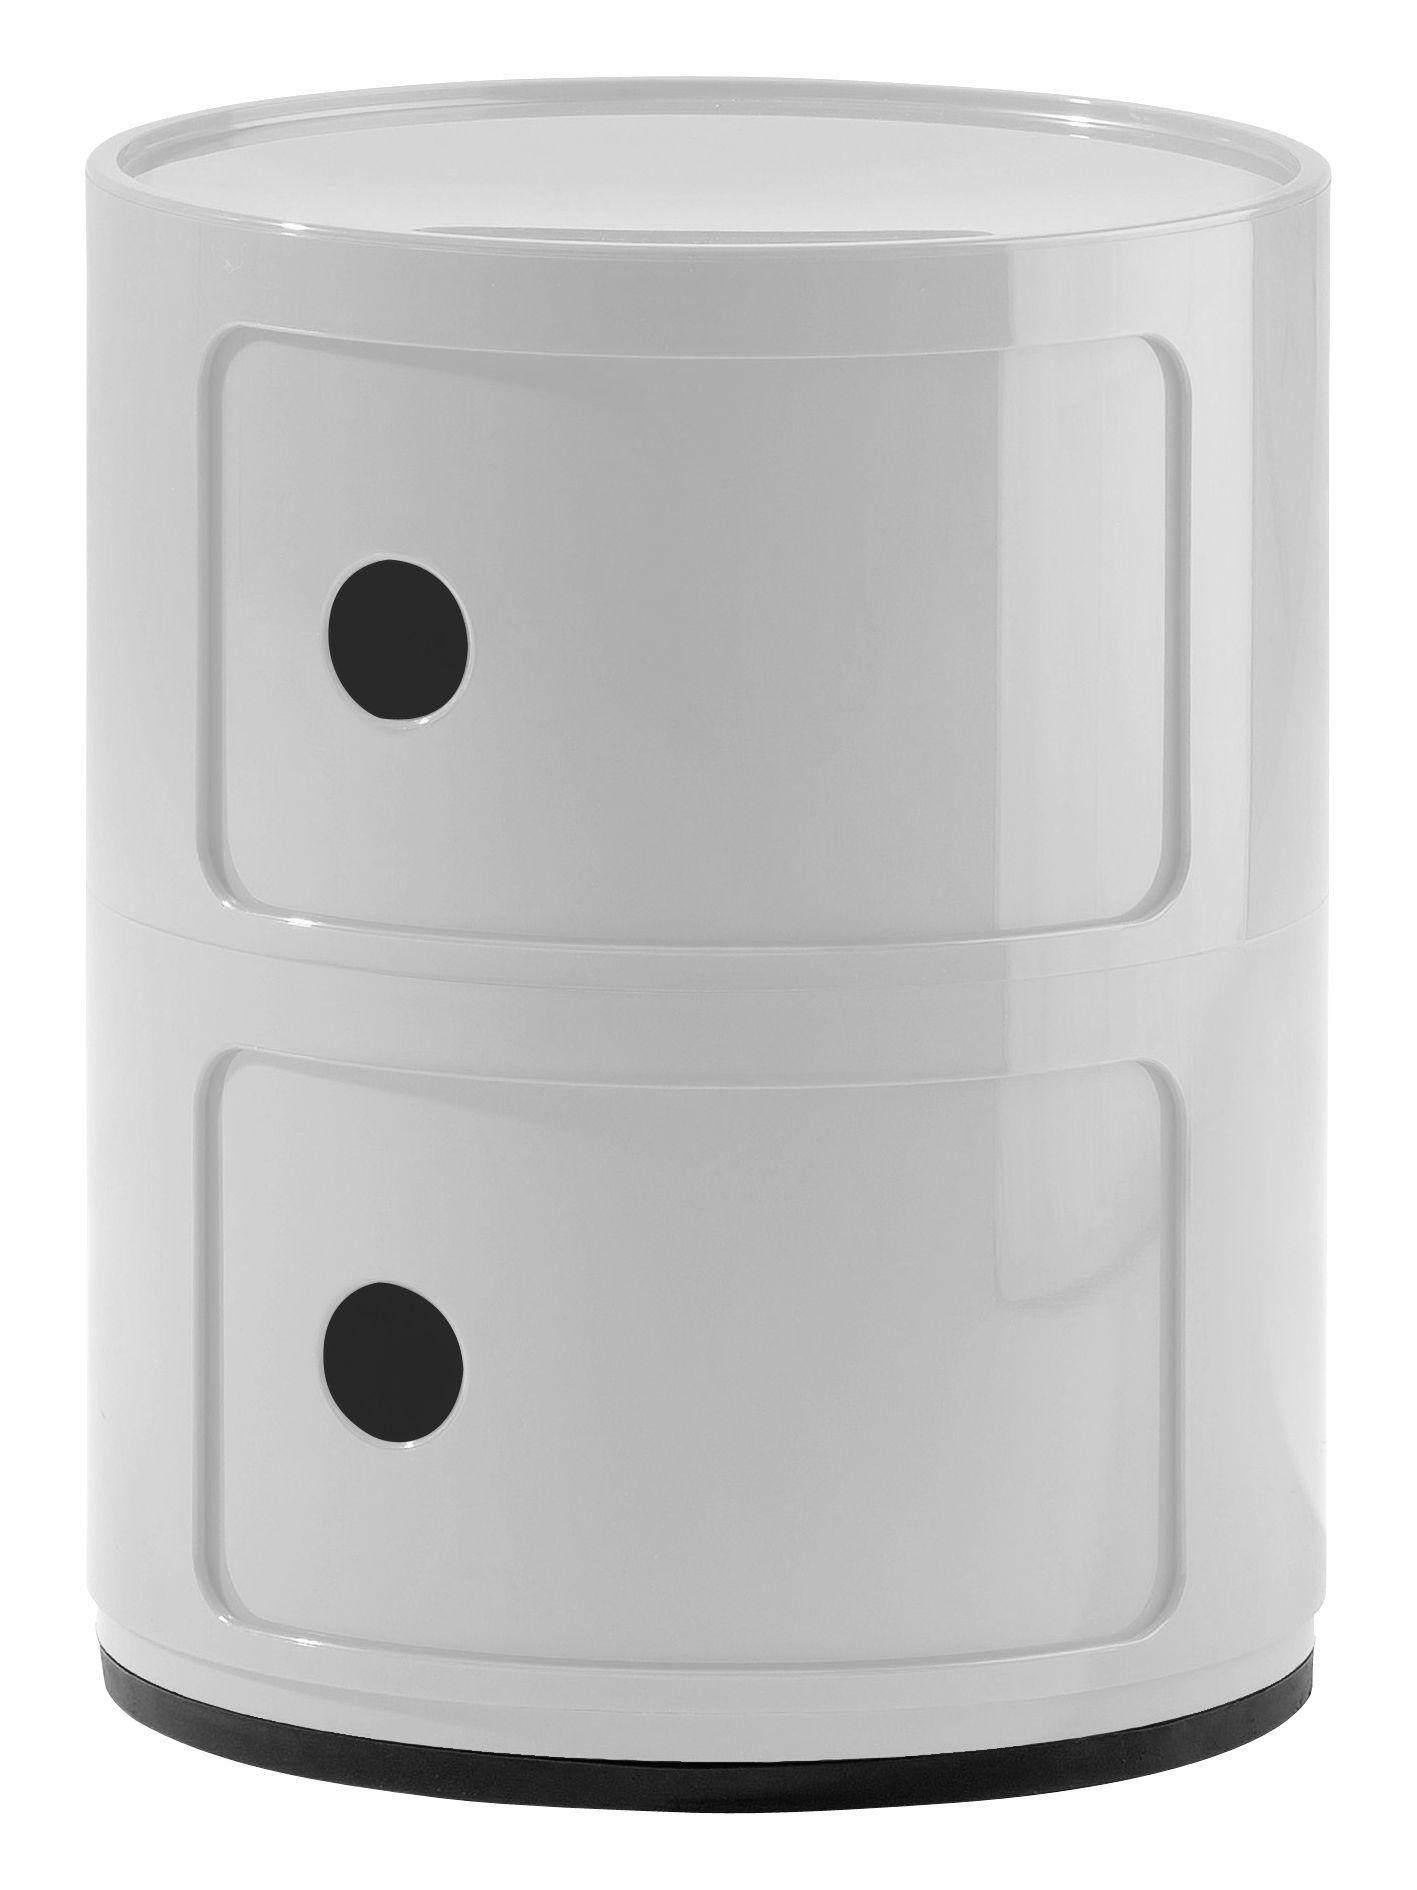 Arredamento - Mobili Ados  - Portaoggetti Componibili di Kartell - 2 elementi Bianchi - ABS